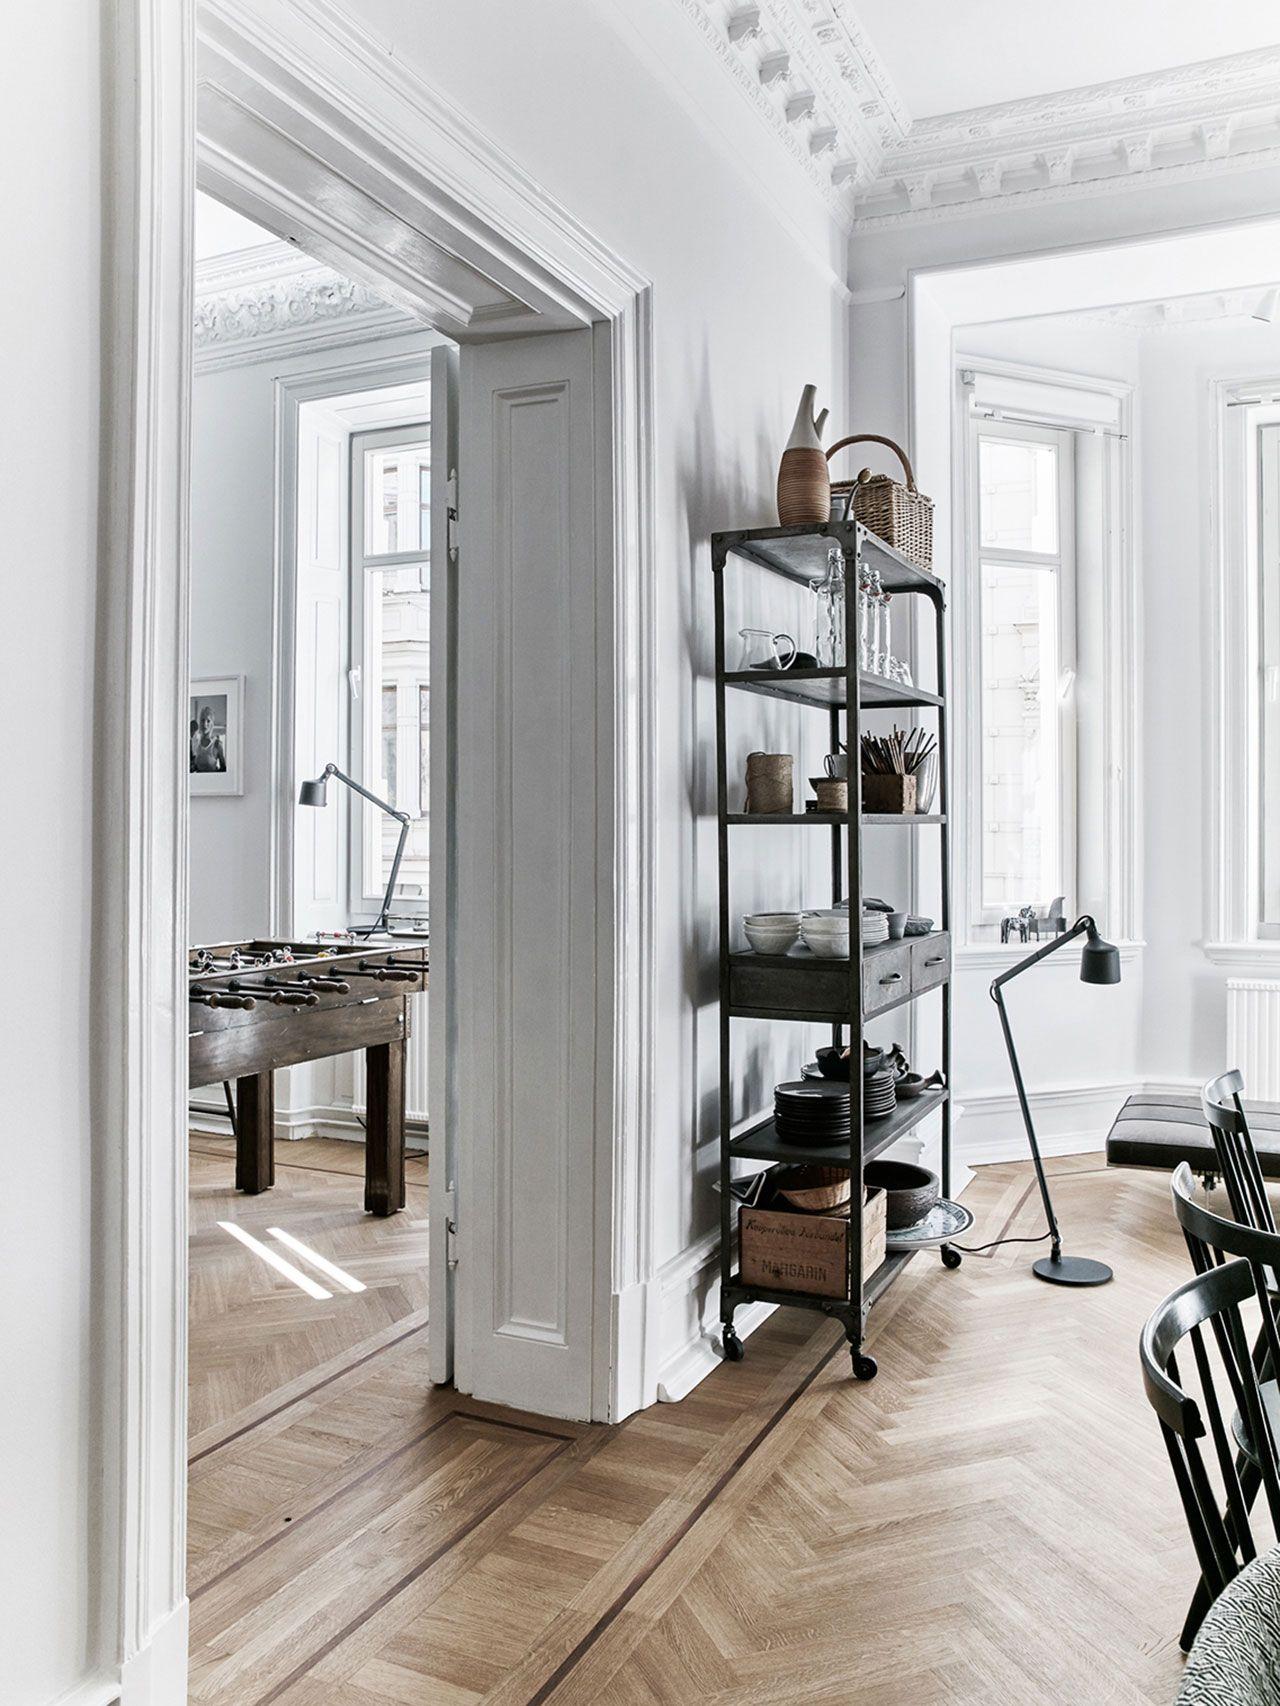 Interiors · scandinavian simplicity in gothenburg